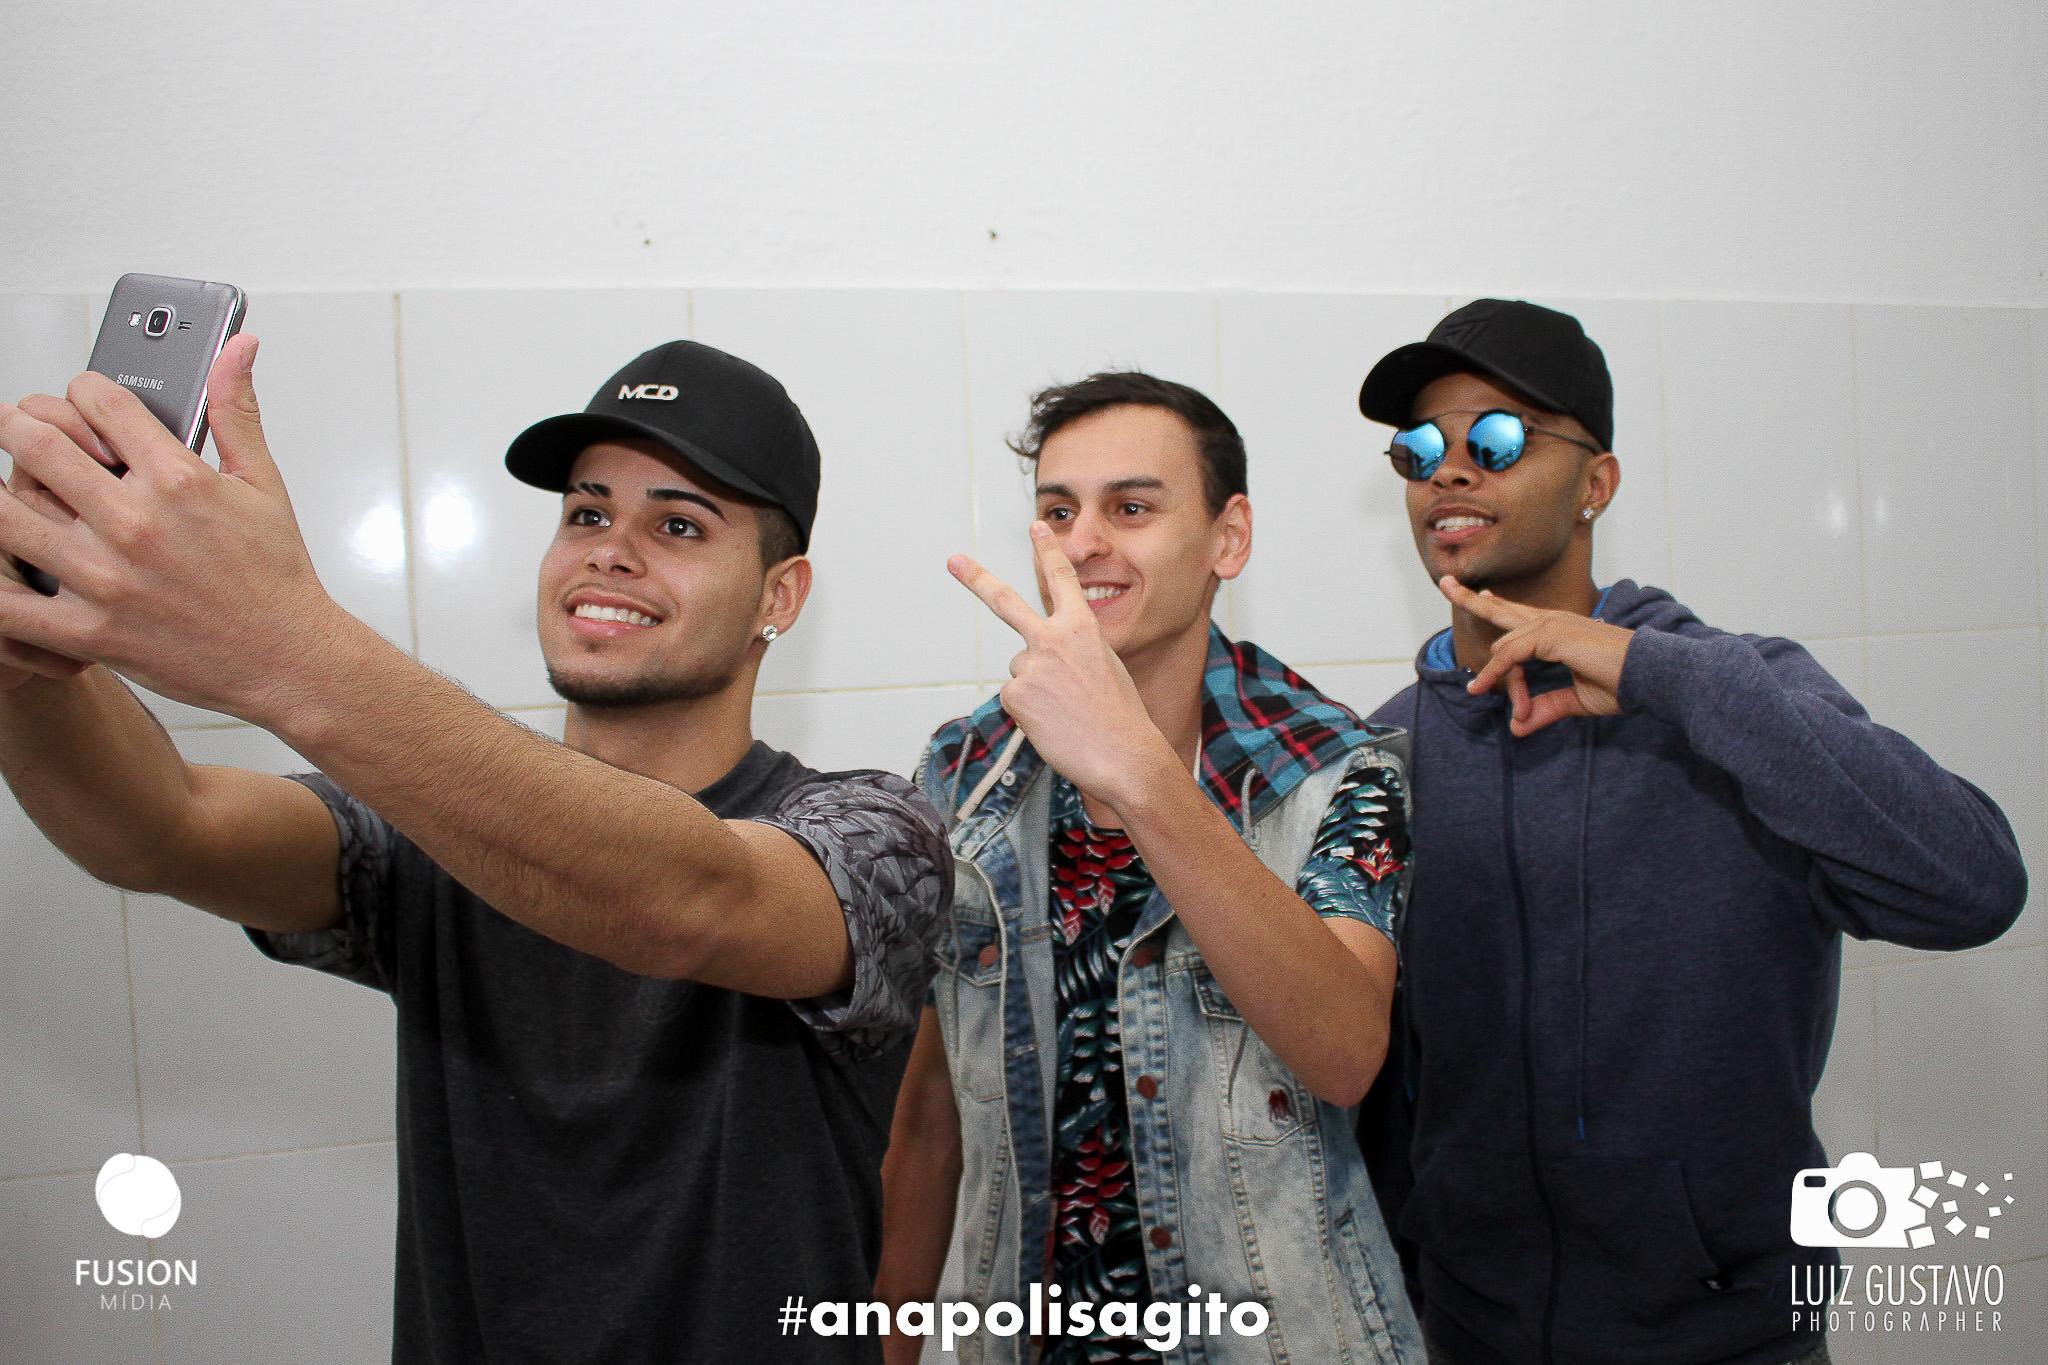 Luiz Gustavo Photographer (48 de 159)